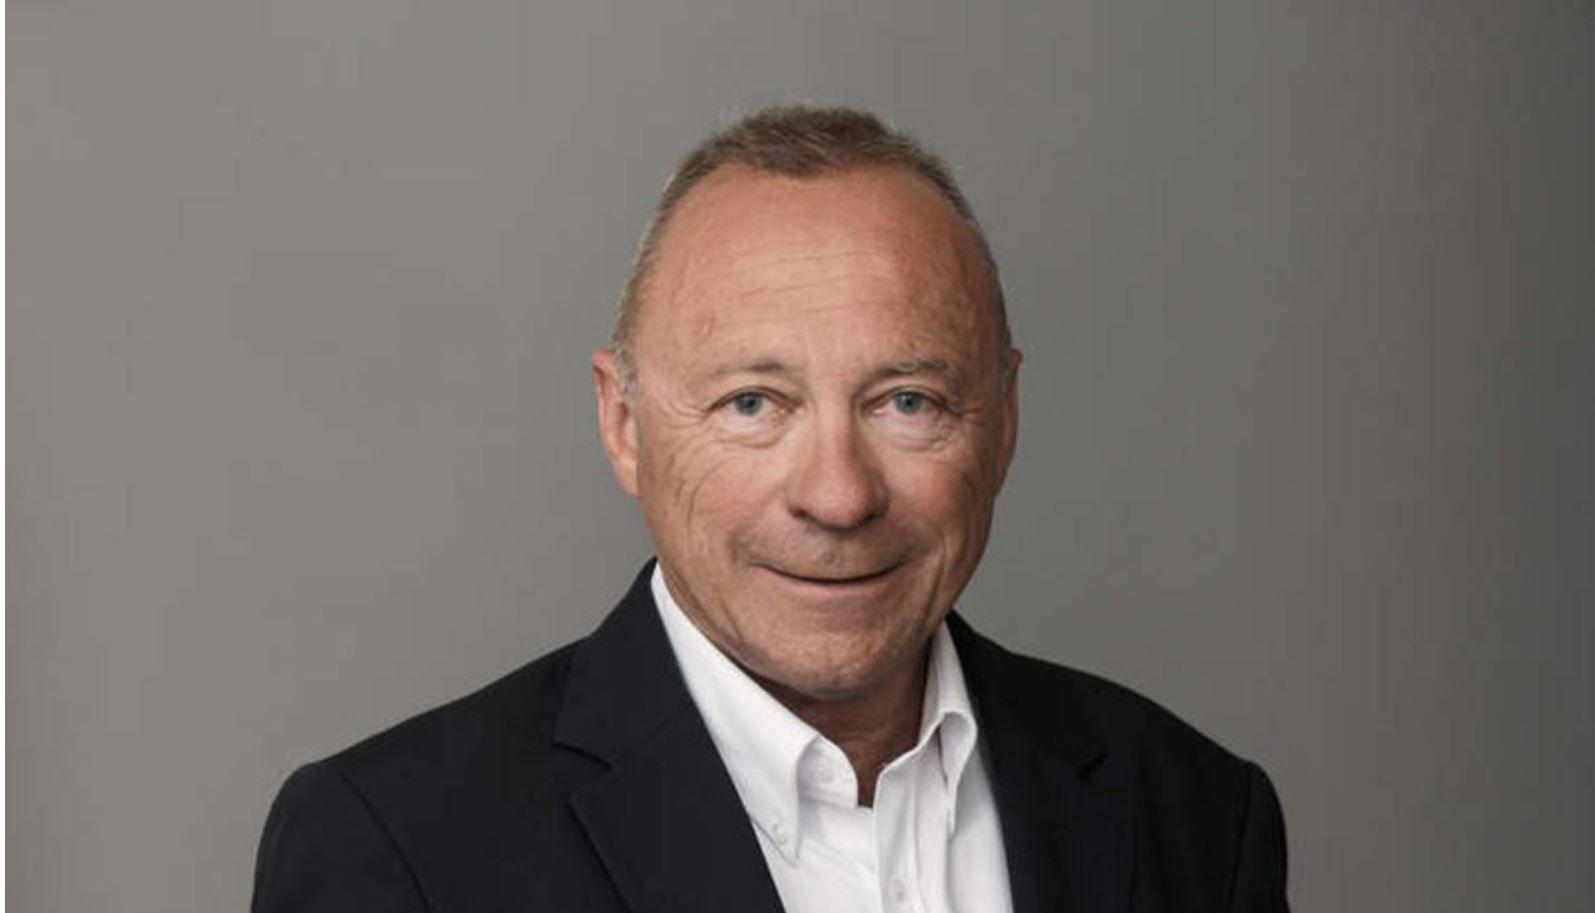 Jean-Paul Chapeleau übernimmt die volle Verantwortung für den industriellen Betrieb und die Entwicklung der Bootsabteilung der Bénéteau-Gruppe.